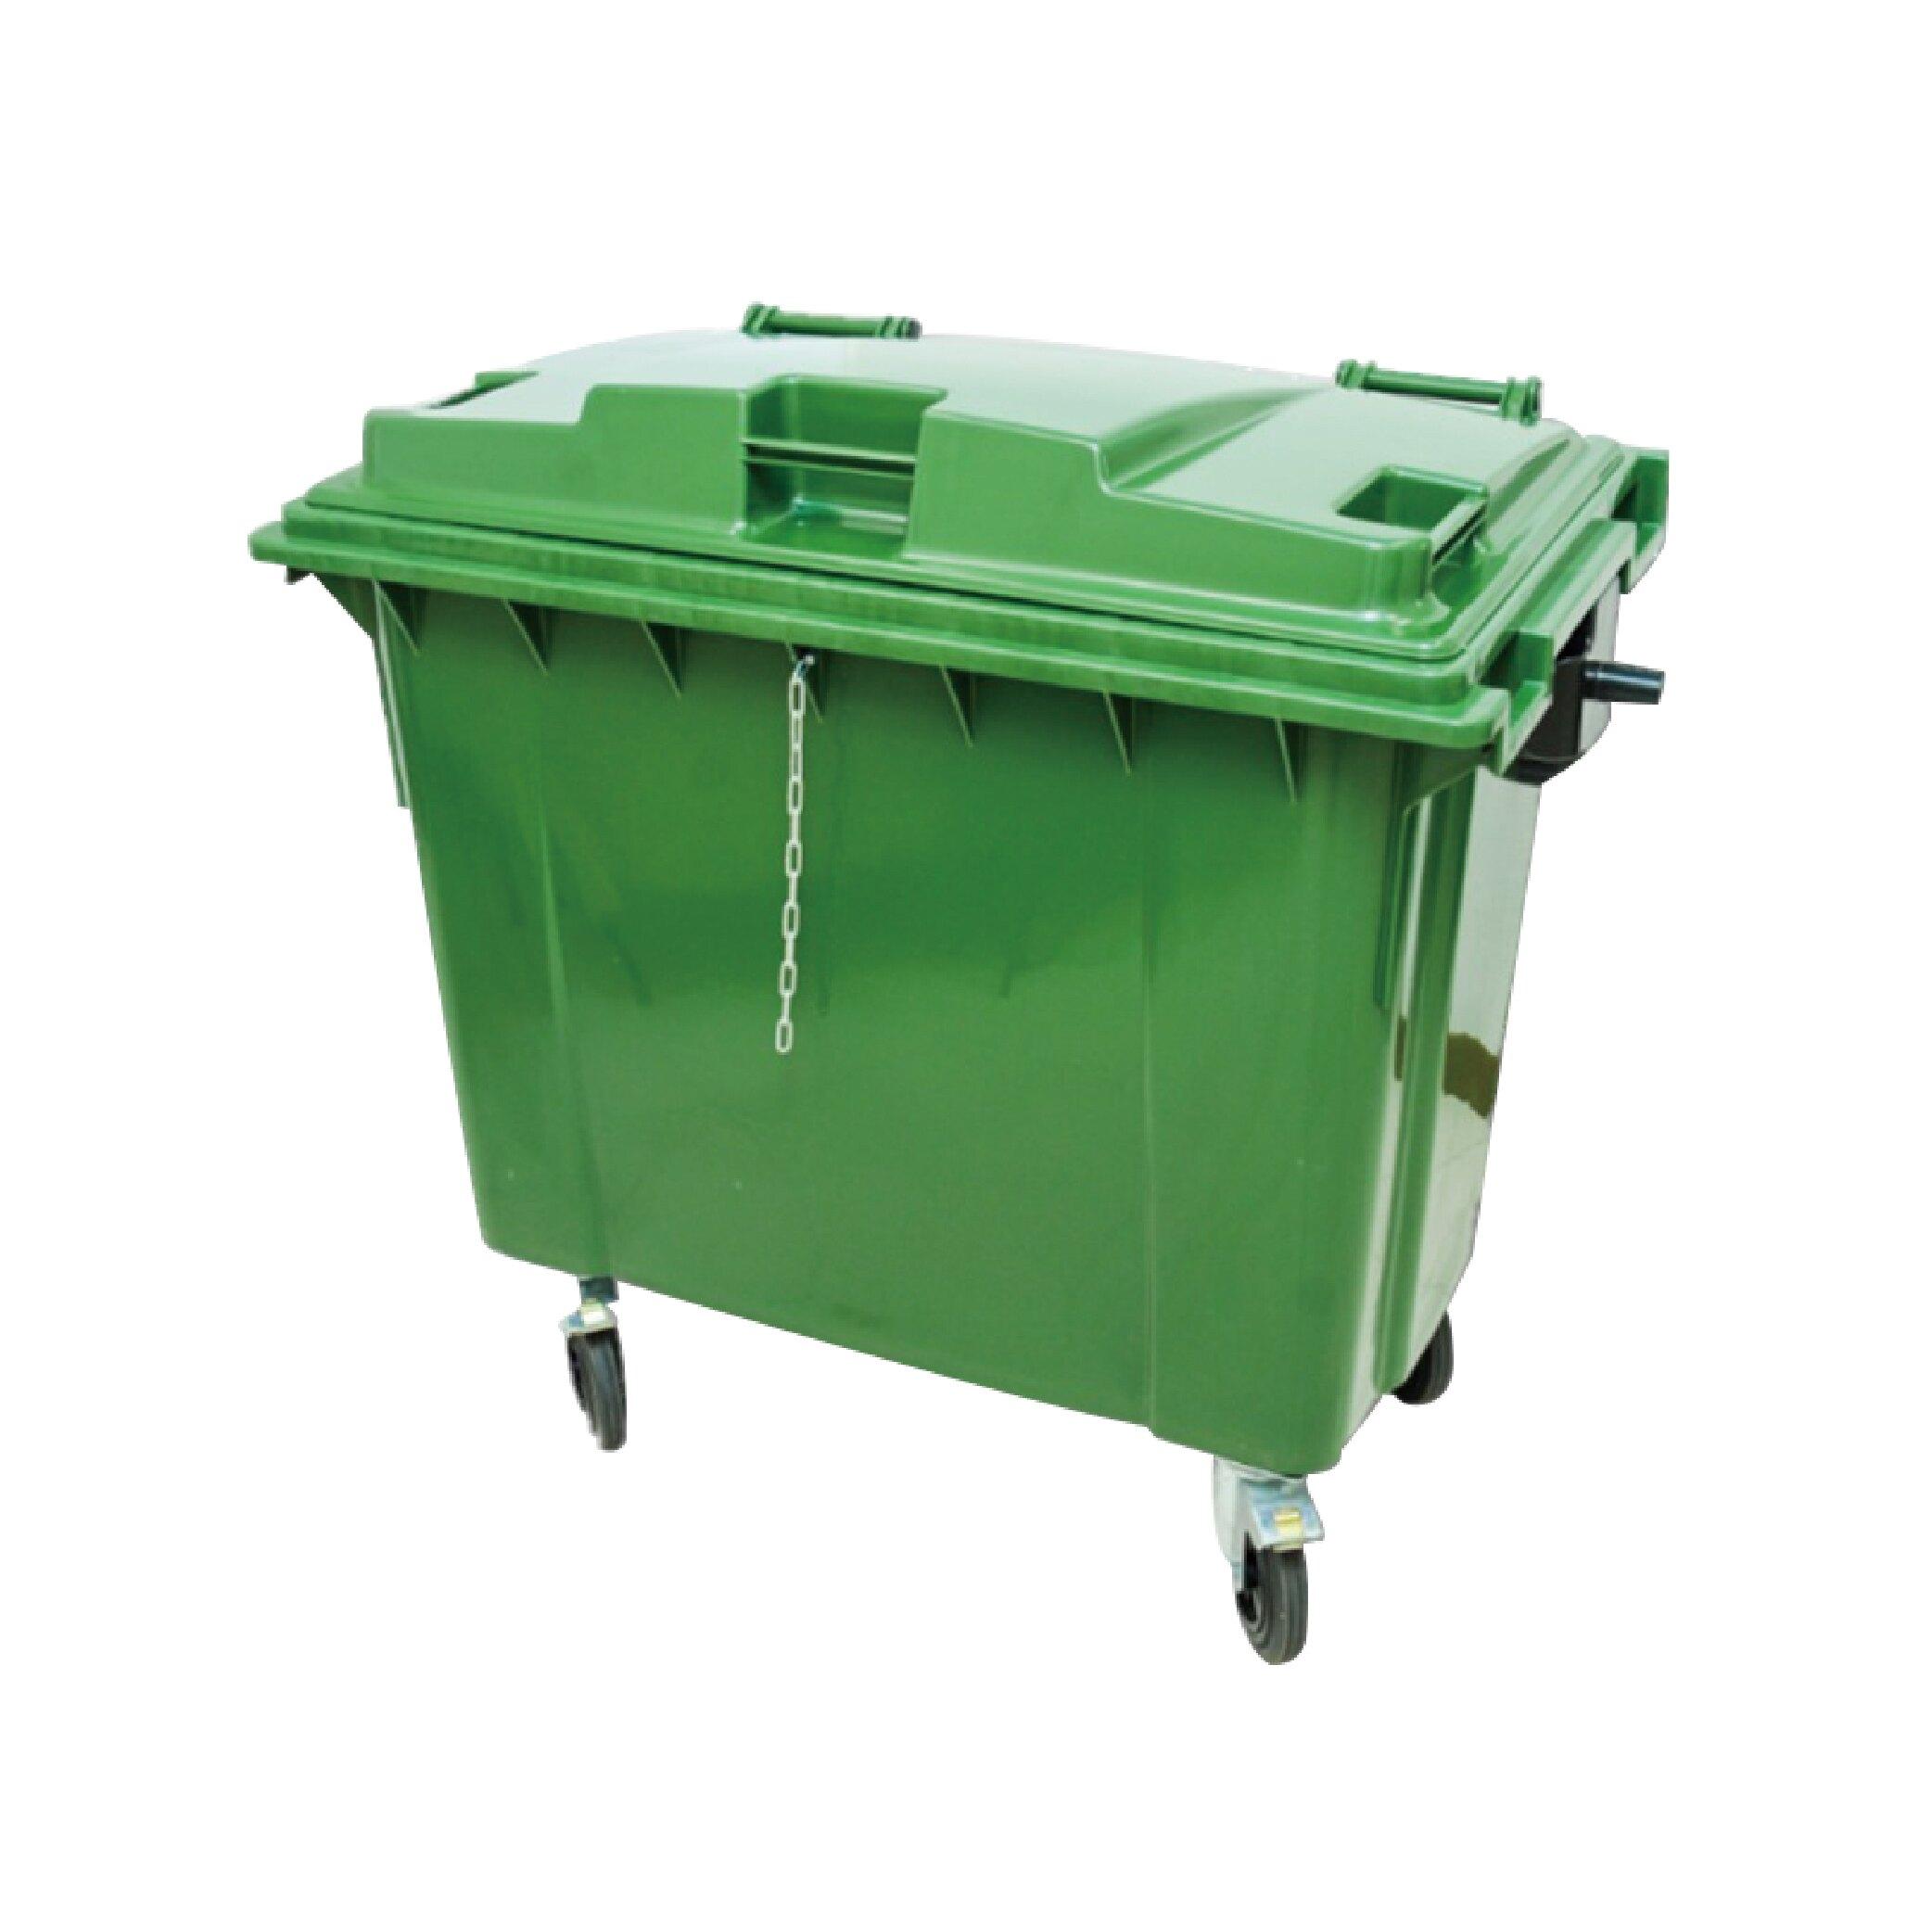 台灣製造 環保資源回收桶 660L♻️環保清潔箱 垃圾子車 垃圾分類車 垃圾子車 分類垃圾統 托桶【大量可議】【免費贈送割字貼紙】